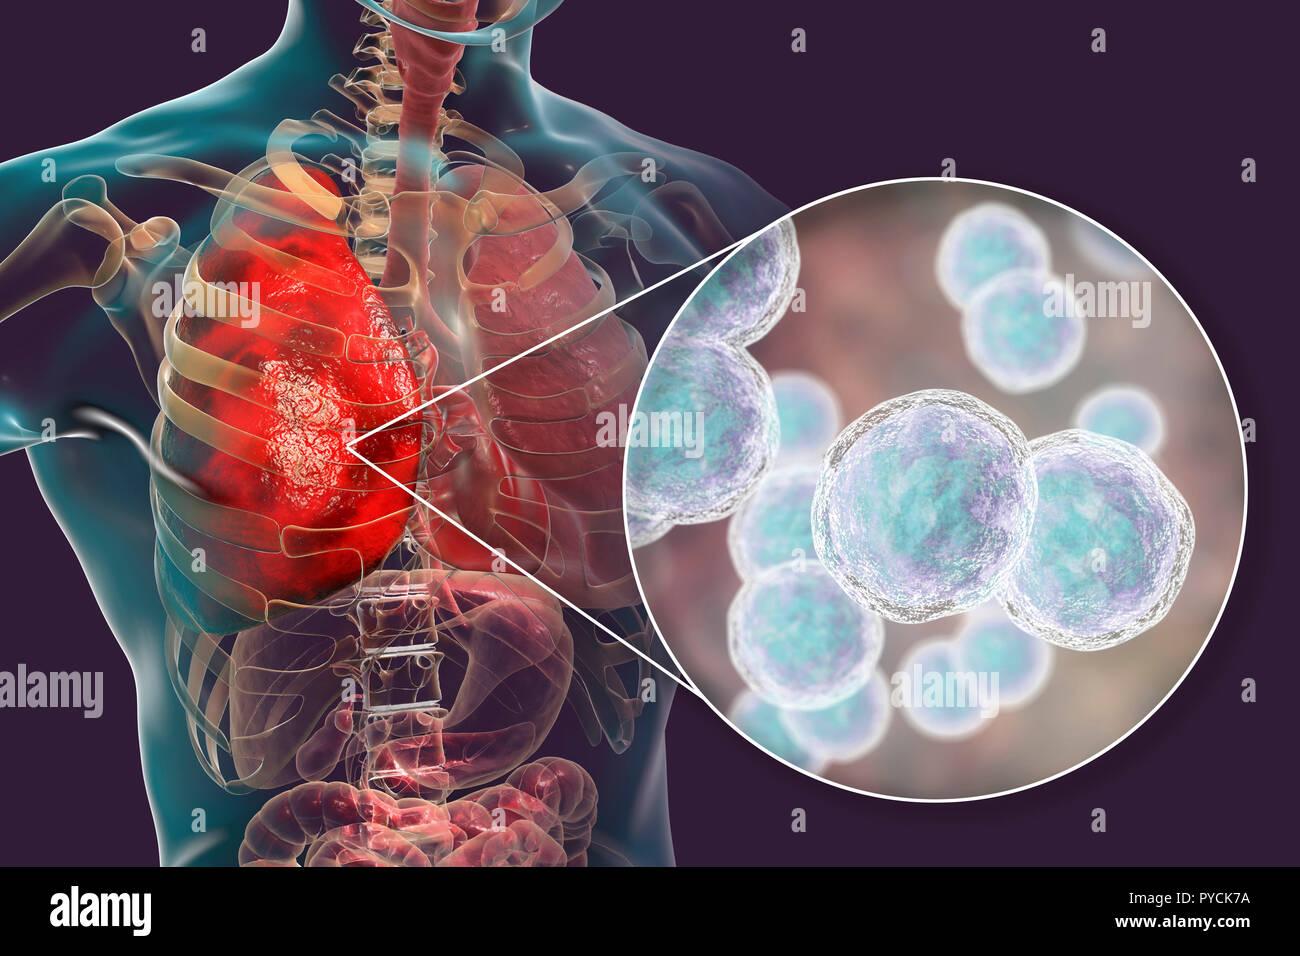 La pneumonie causée par une bactérie Moraxella catarrhalis, illustration de l'ordinateur. Moraxella (Branhamella) catarrhalis sont aérobies, cocci à Gram négatif (bactéries sphériques). Ils sont généralement trouvés dans les muqueuses des voies respiratoires de mammifères, y compris l'homme. Chez les sujets immunodéprimés, ou de manière opportuniste, ils peuvent causer des infections des voies respiratoires, y compris la pneumonie. Photo Stock